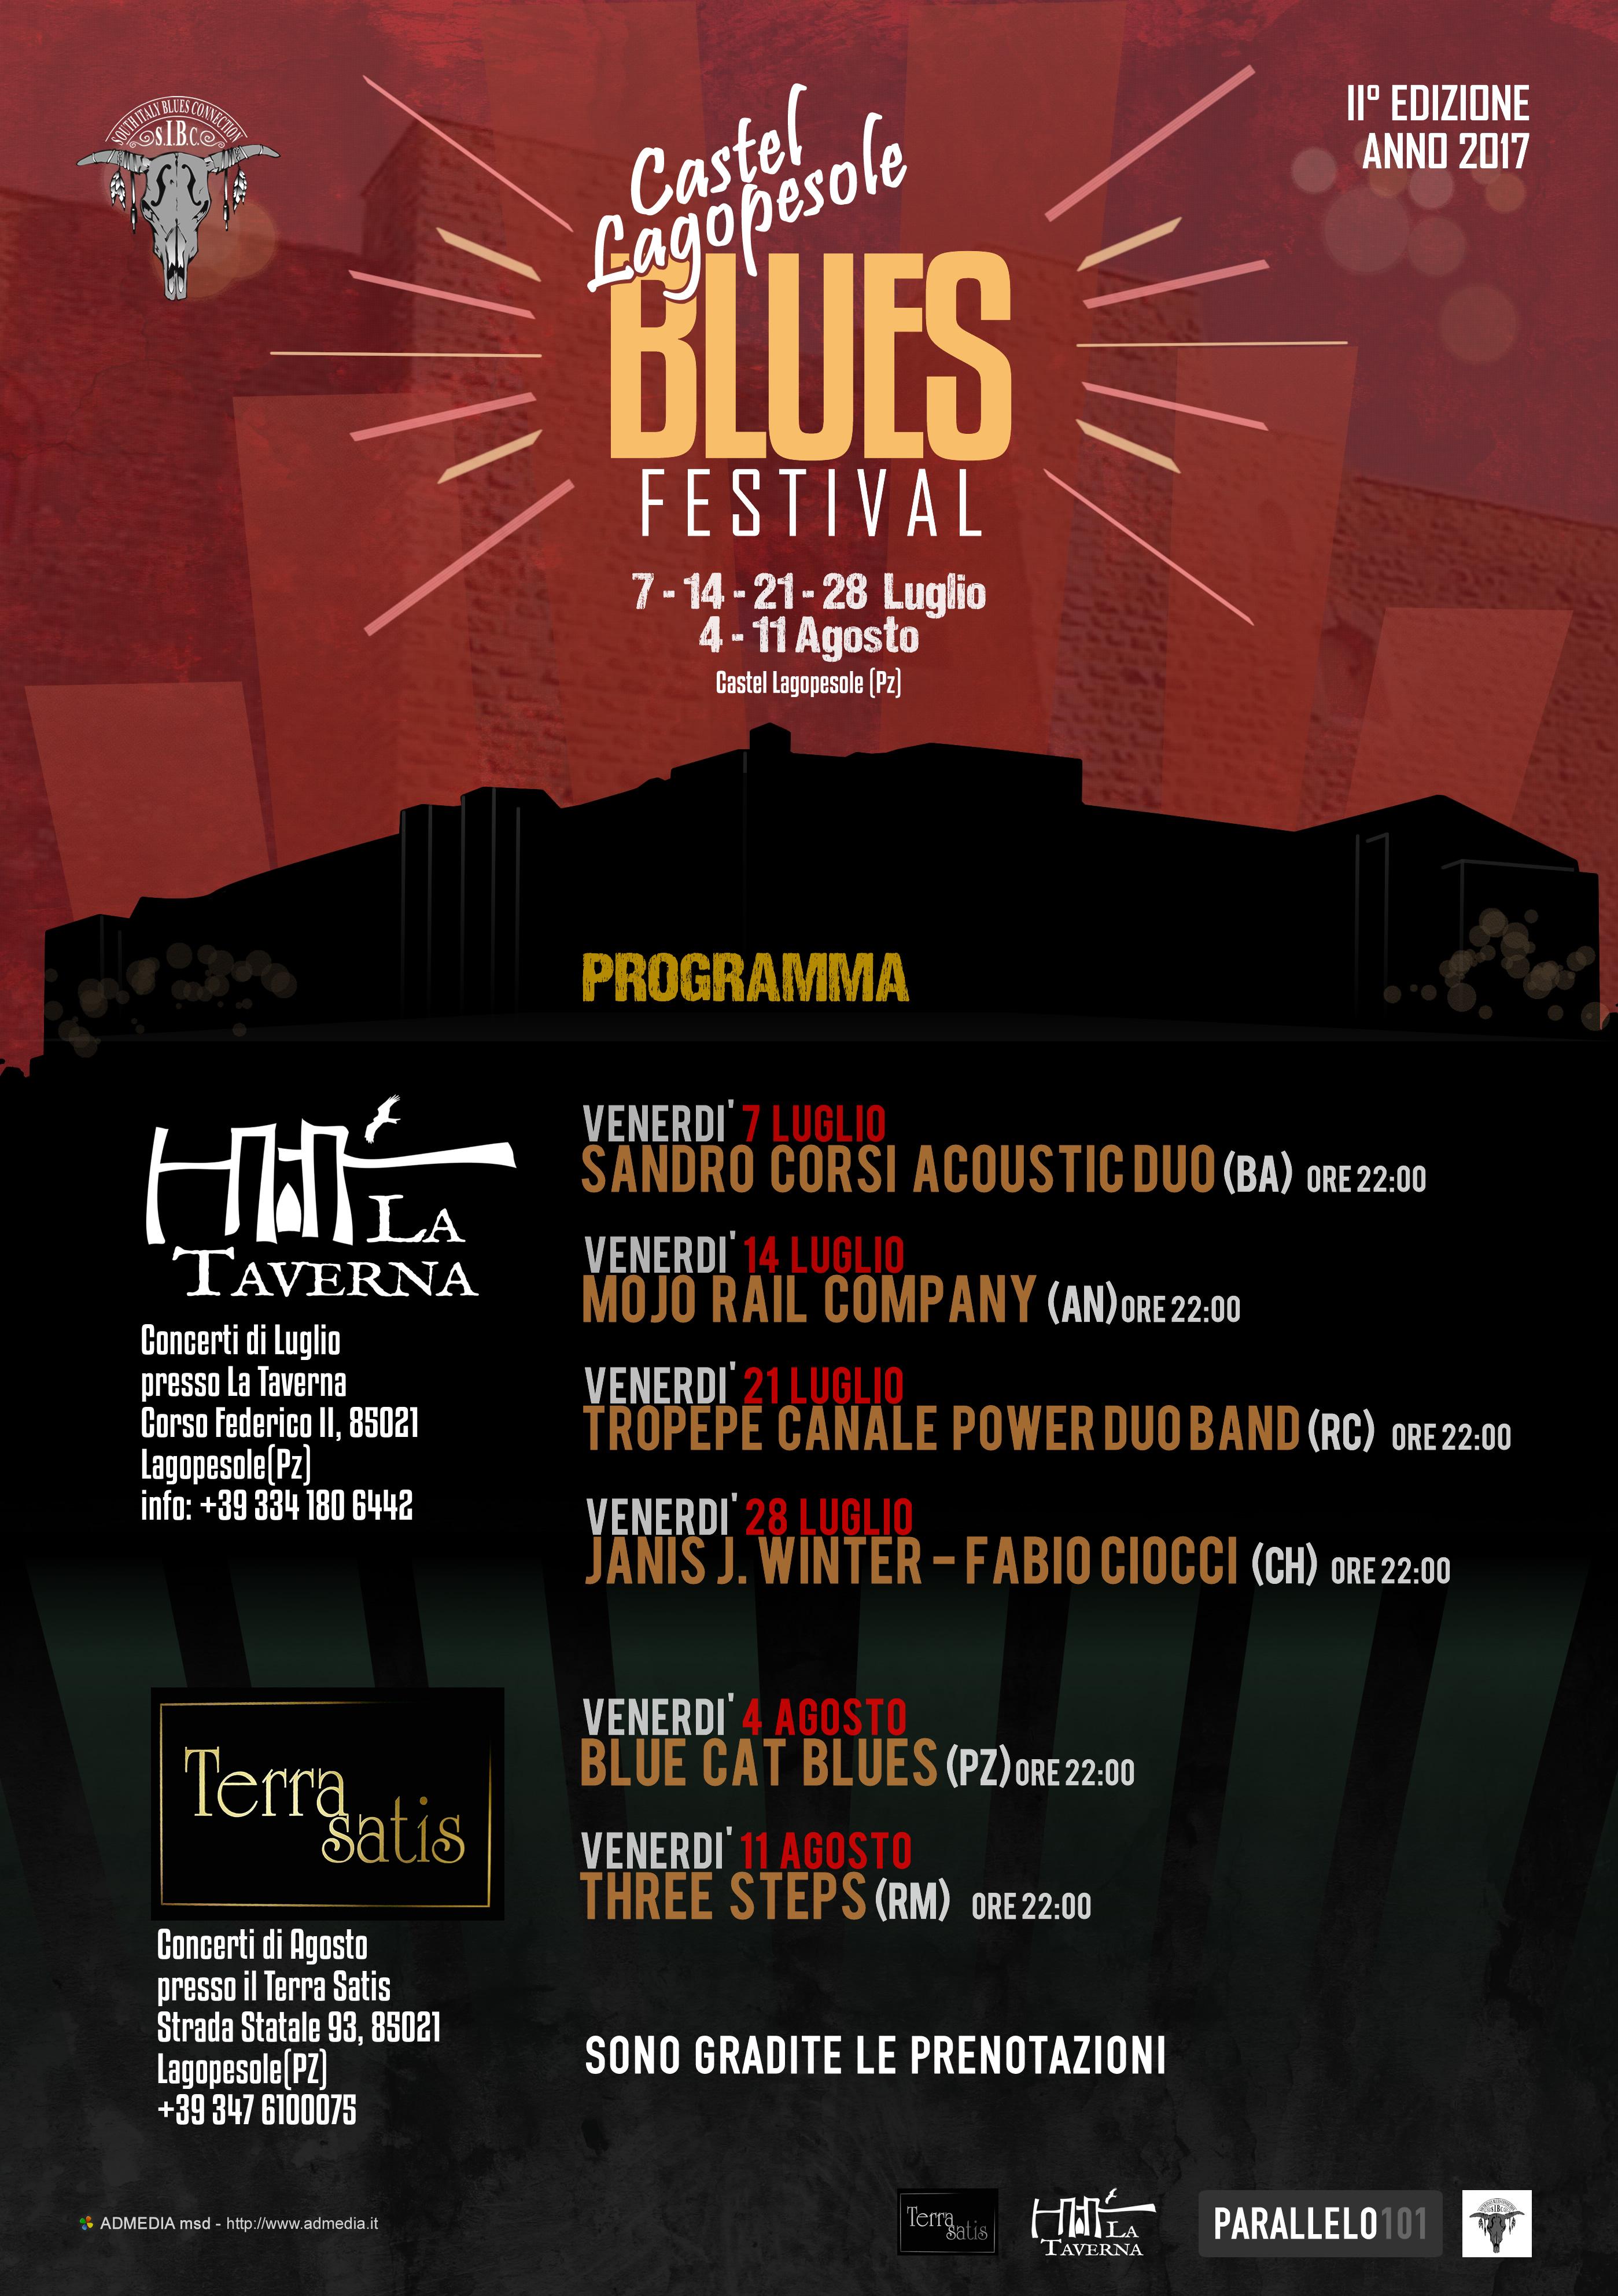 Castel Lagopesole Blues Festival - II° EDIZIONE - 2017